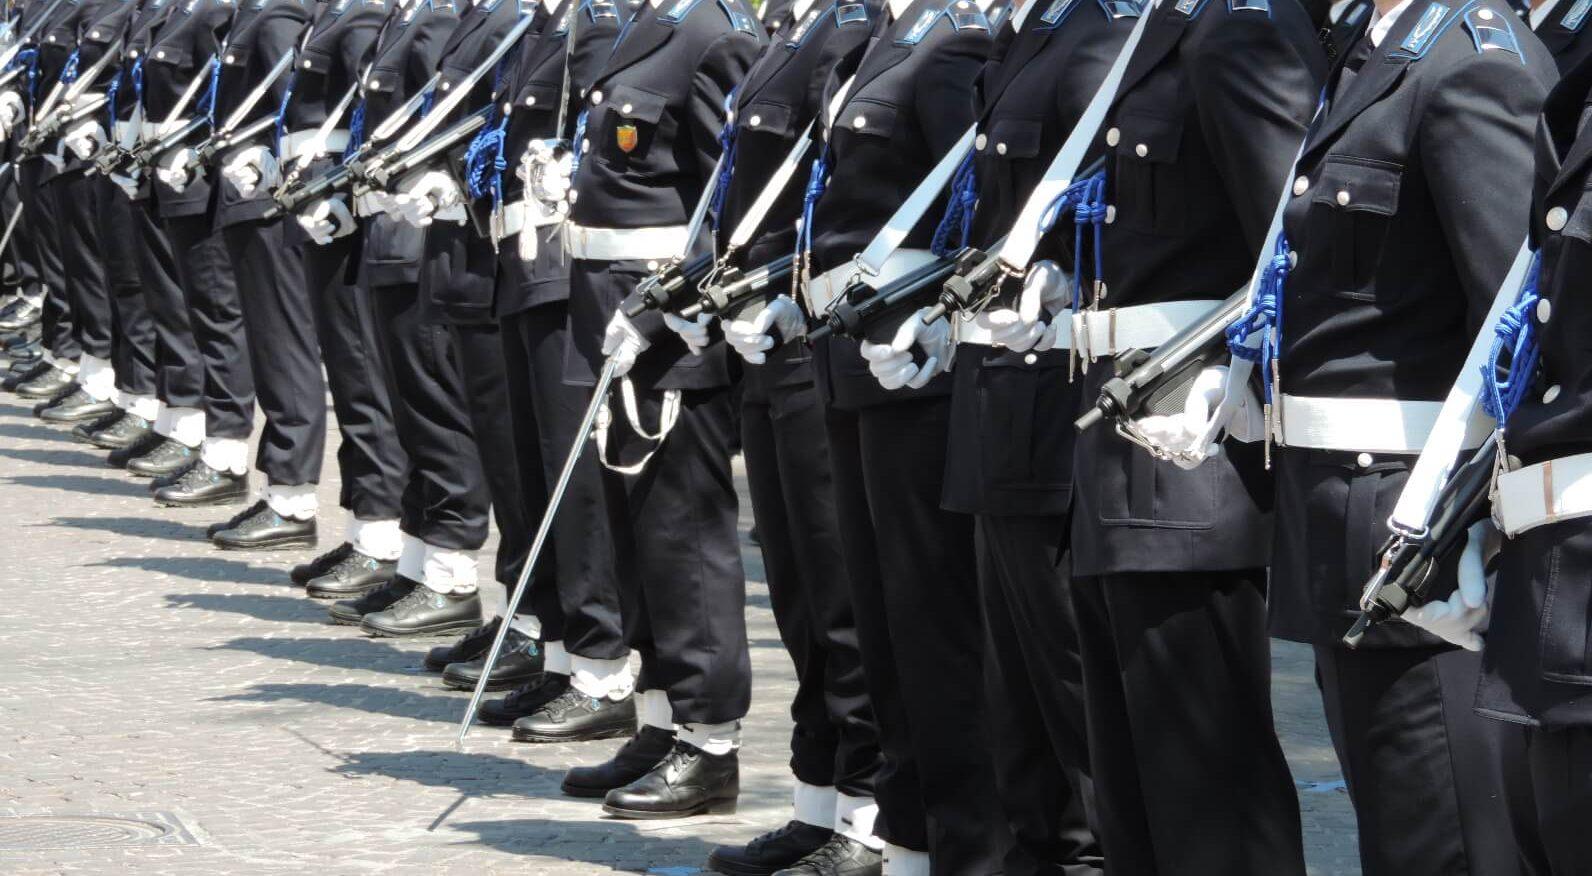 Polizia Penitenziaria Milano video